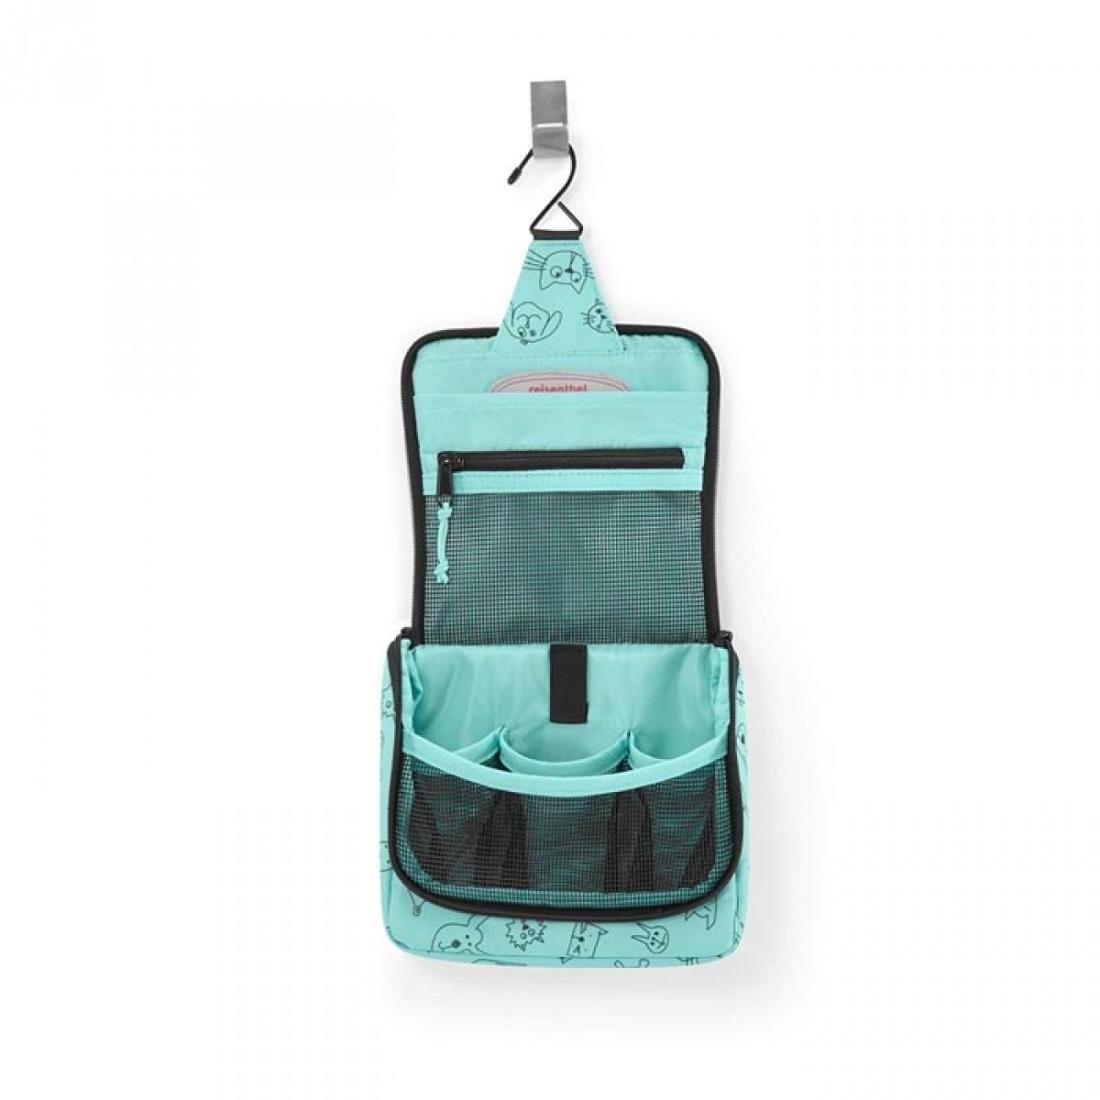 Reisenthel Kosmetyczka dla dziecka Toiletbag, zielona, 18,5x16x7 cm